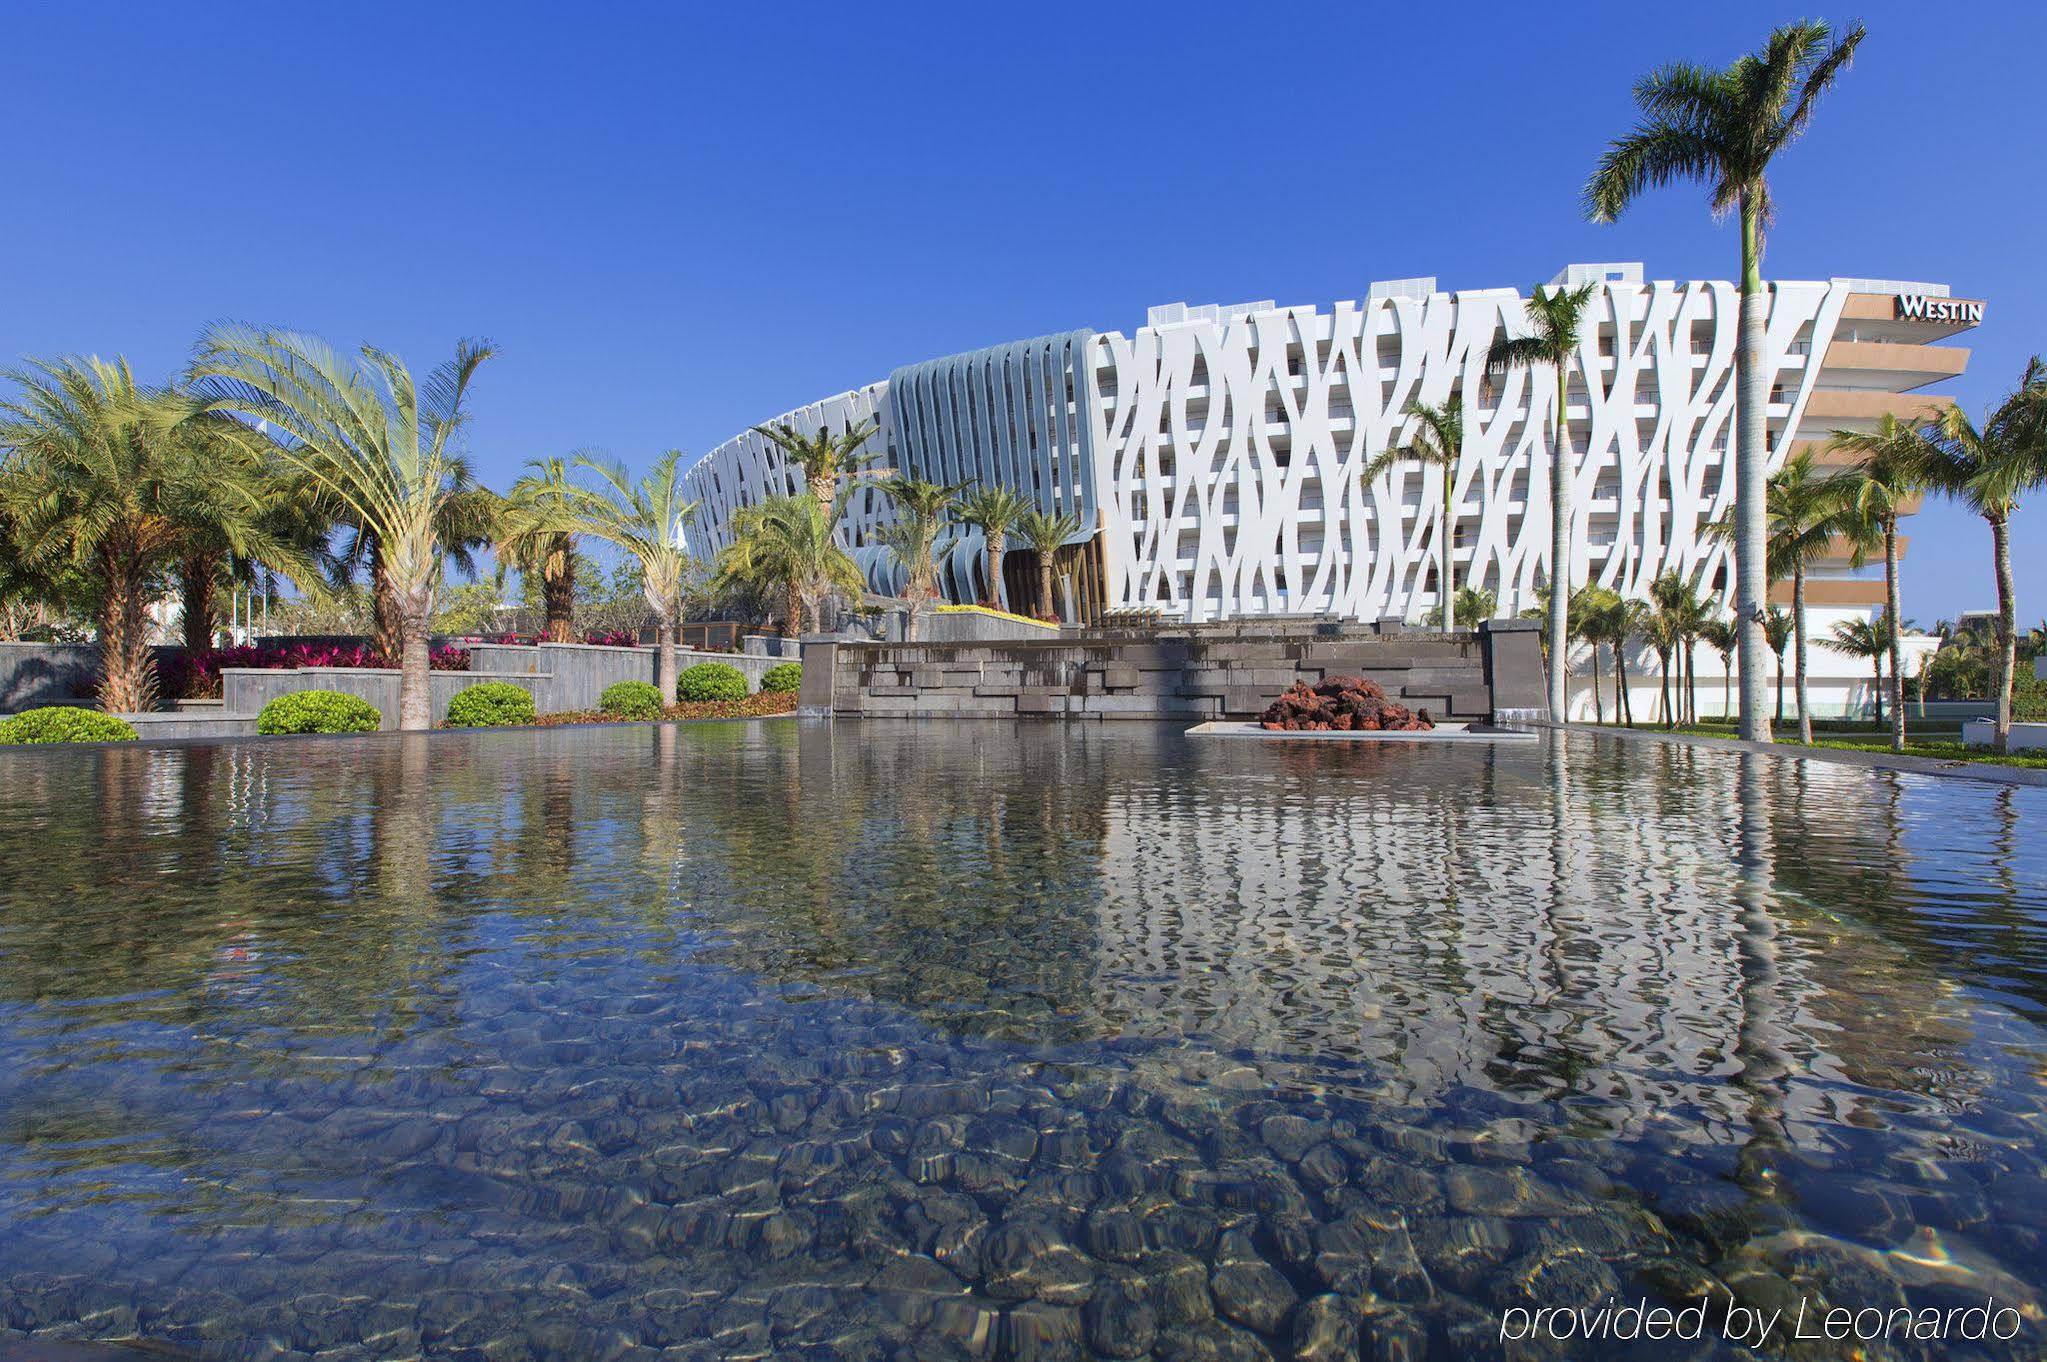 The Westin Sanya Haitang Bay Resort - Opening November 1, 2013